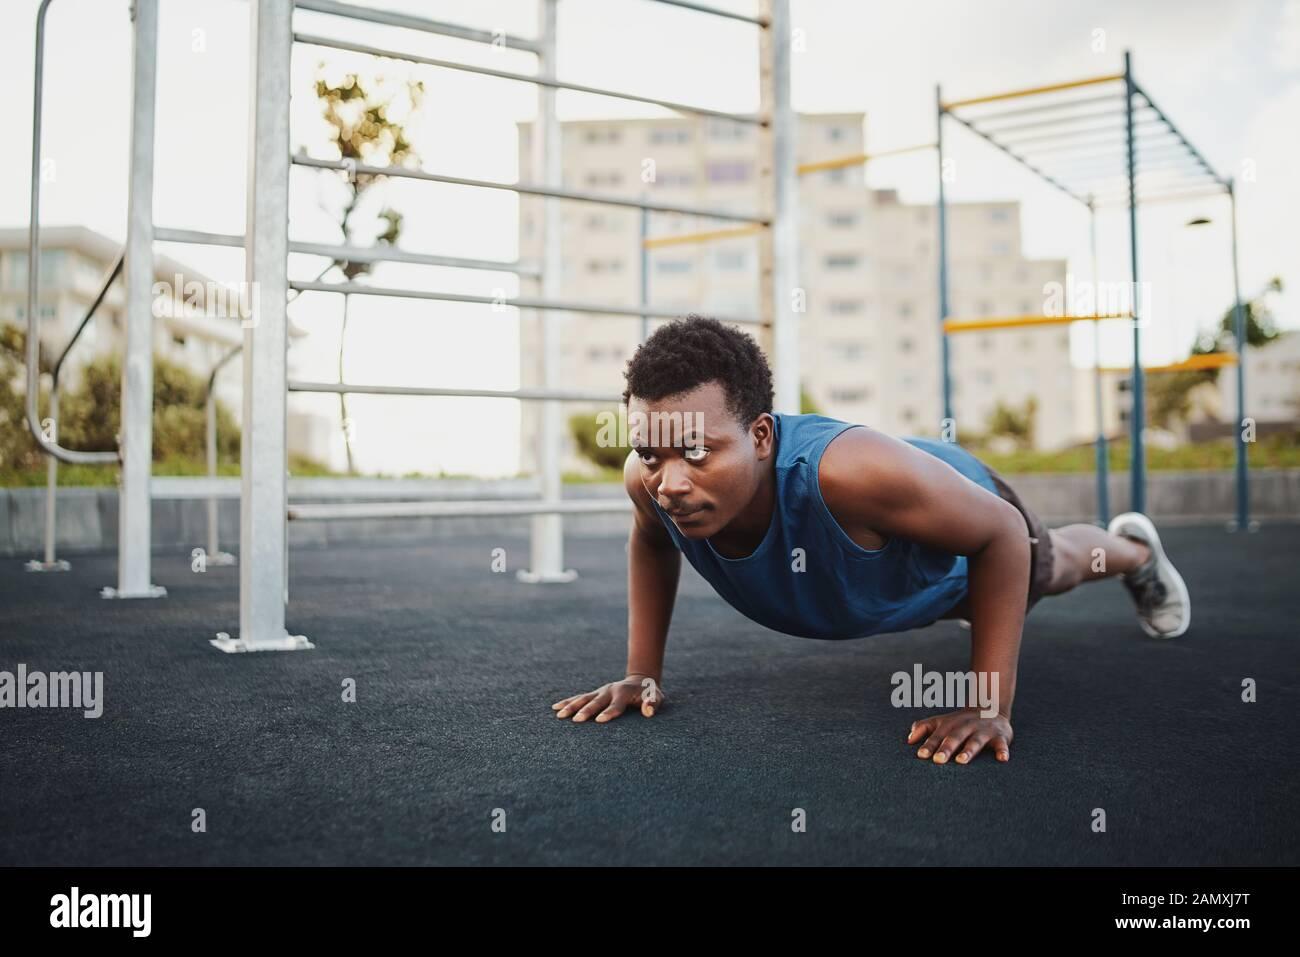 Fit young african american man working out on fait l'entraînement de musculation crossfit poussez se lève à la callisthénie park Banque D'Images